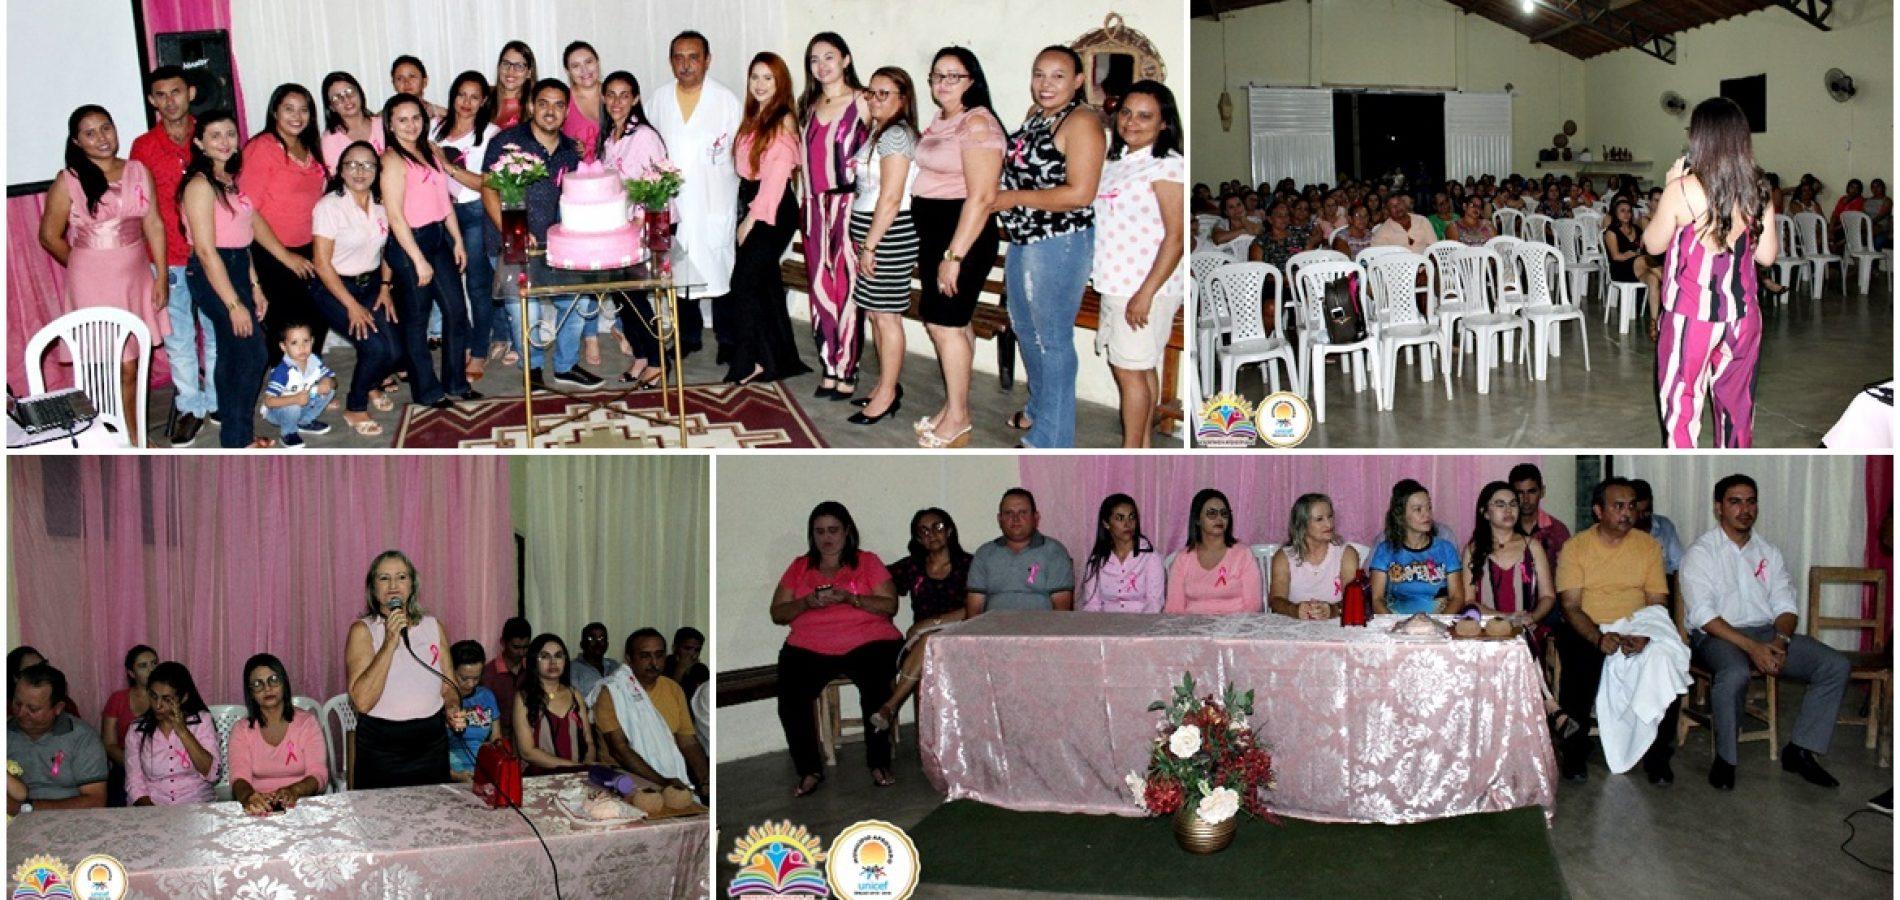 Saúde de Vila Nova do Piauí promove palestras alusivas à campanha Outubro Rosa; veja fotos